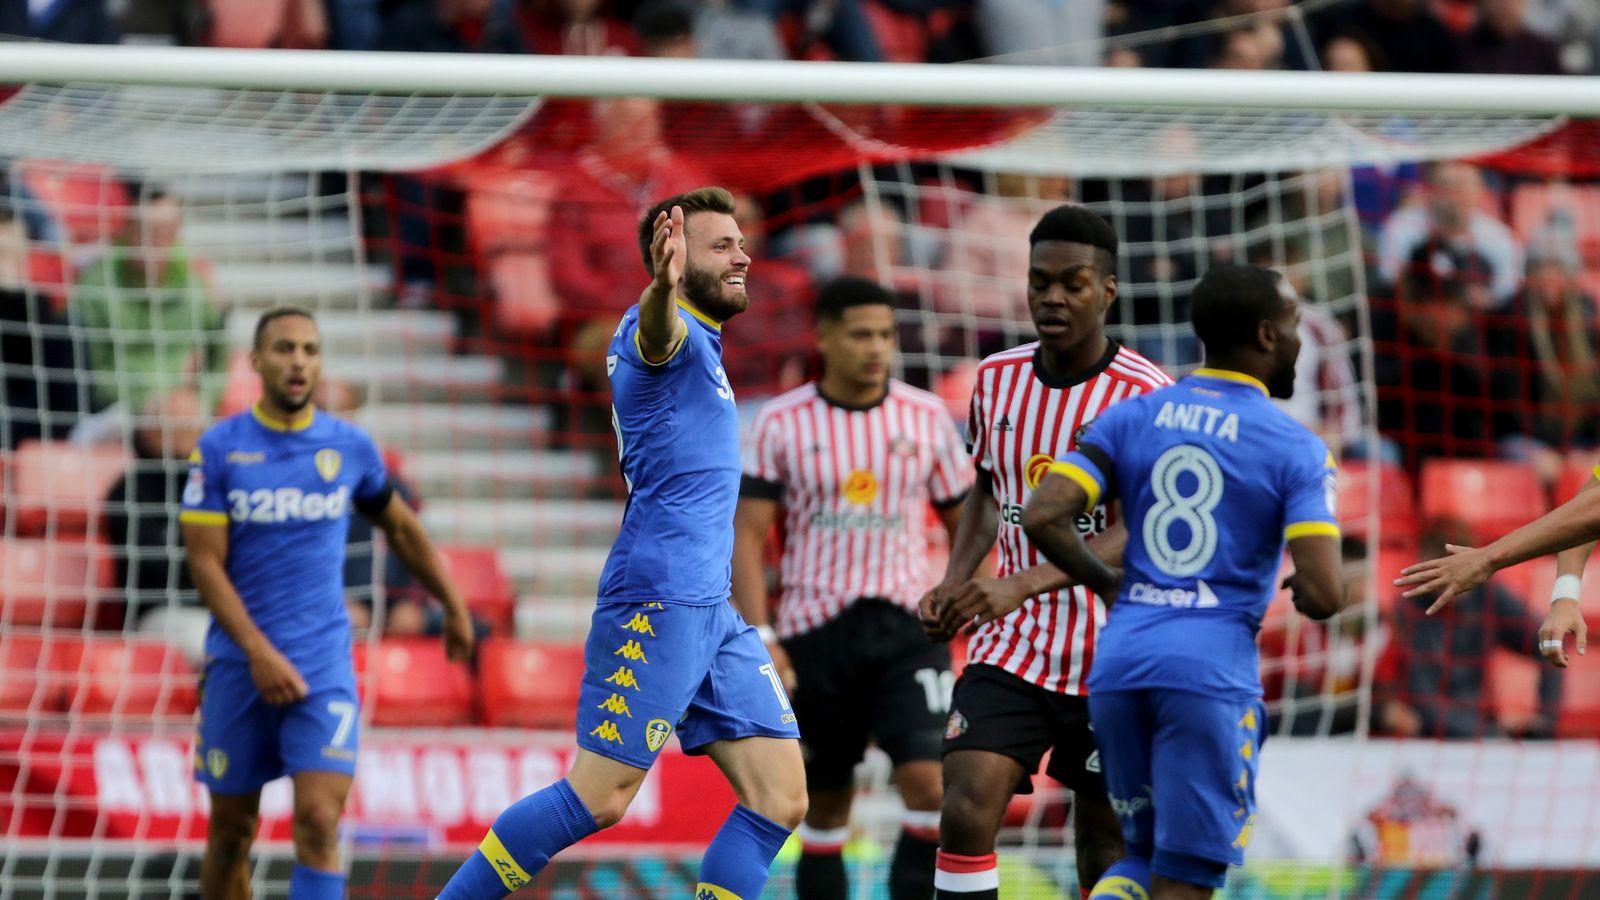 S'land 0 - 2 Leeds - Match Report & Highlights